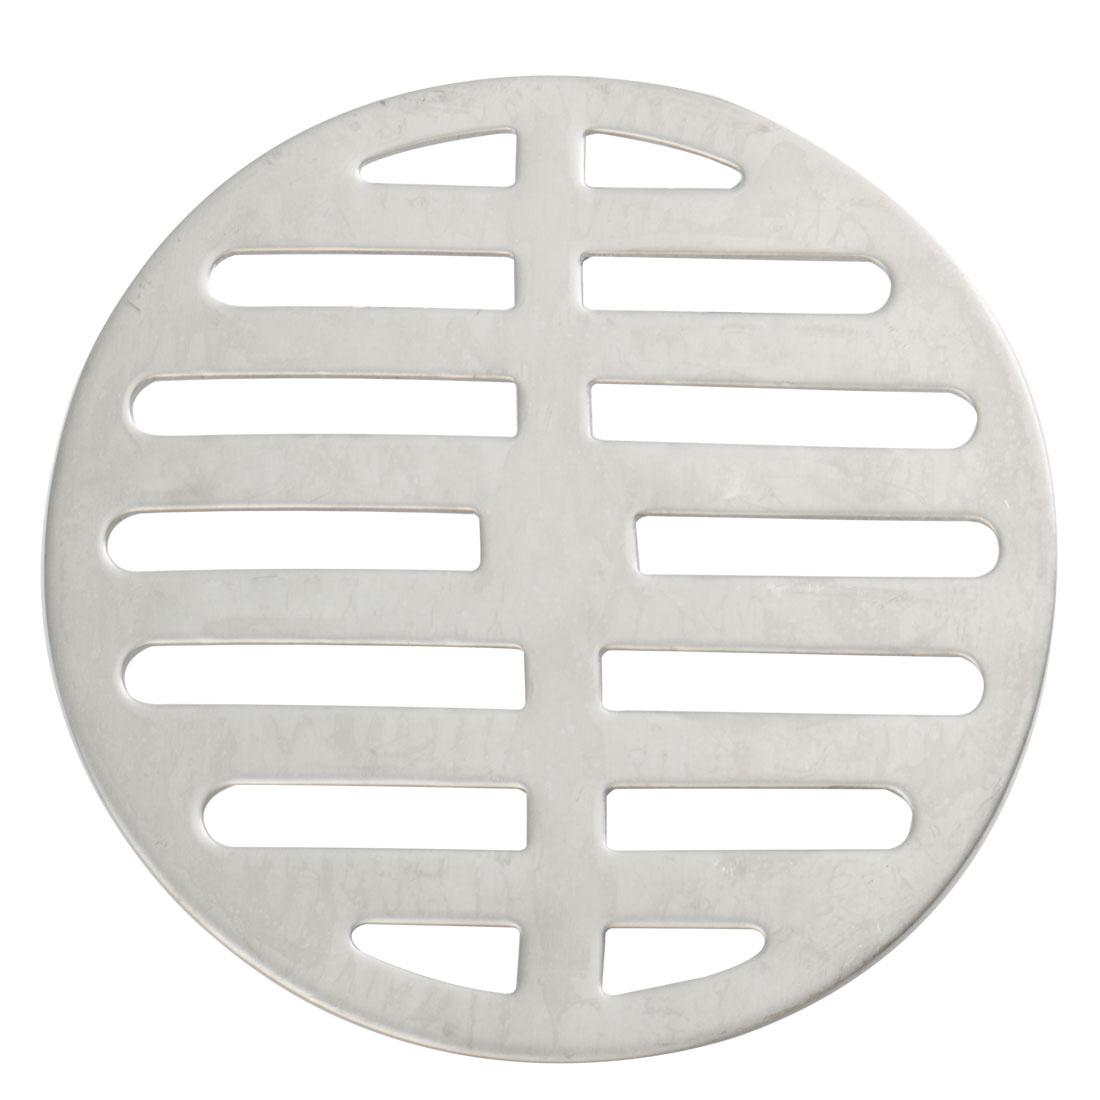 """5.5"""" Dia Floor Drain Cover Hair Catchers Filter Strainer Stopper Bathroom"""